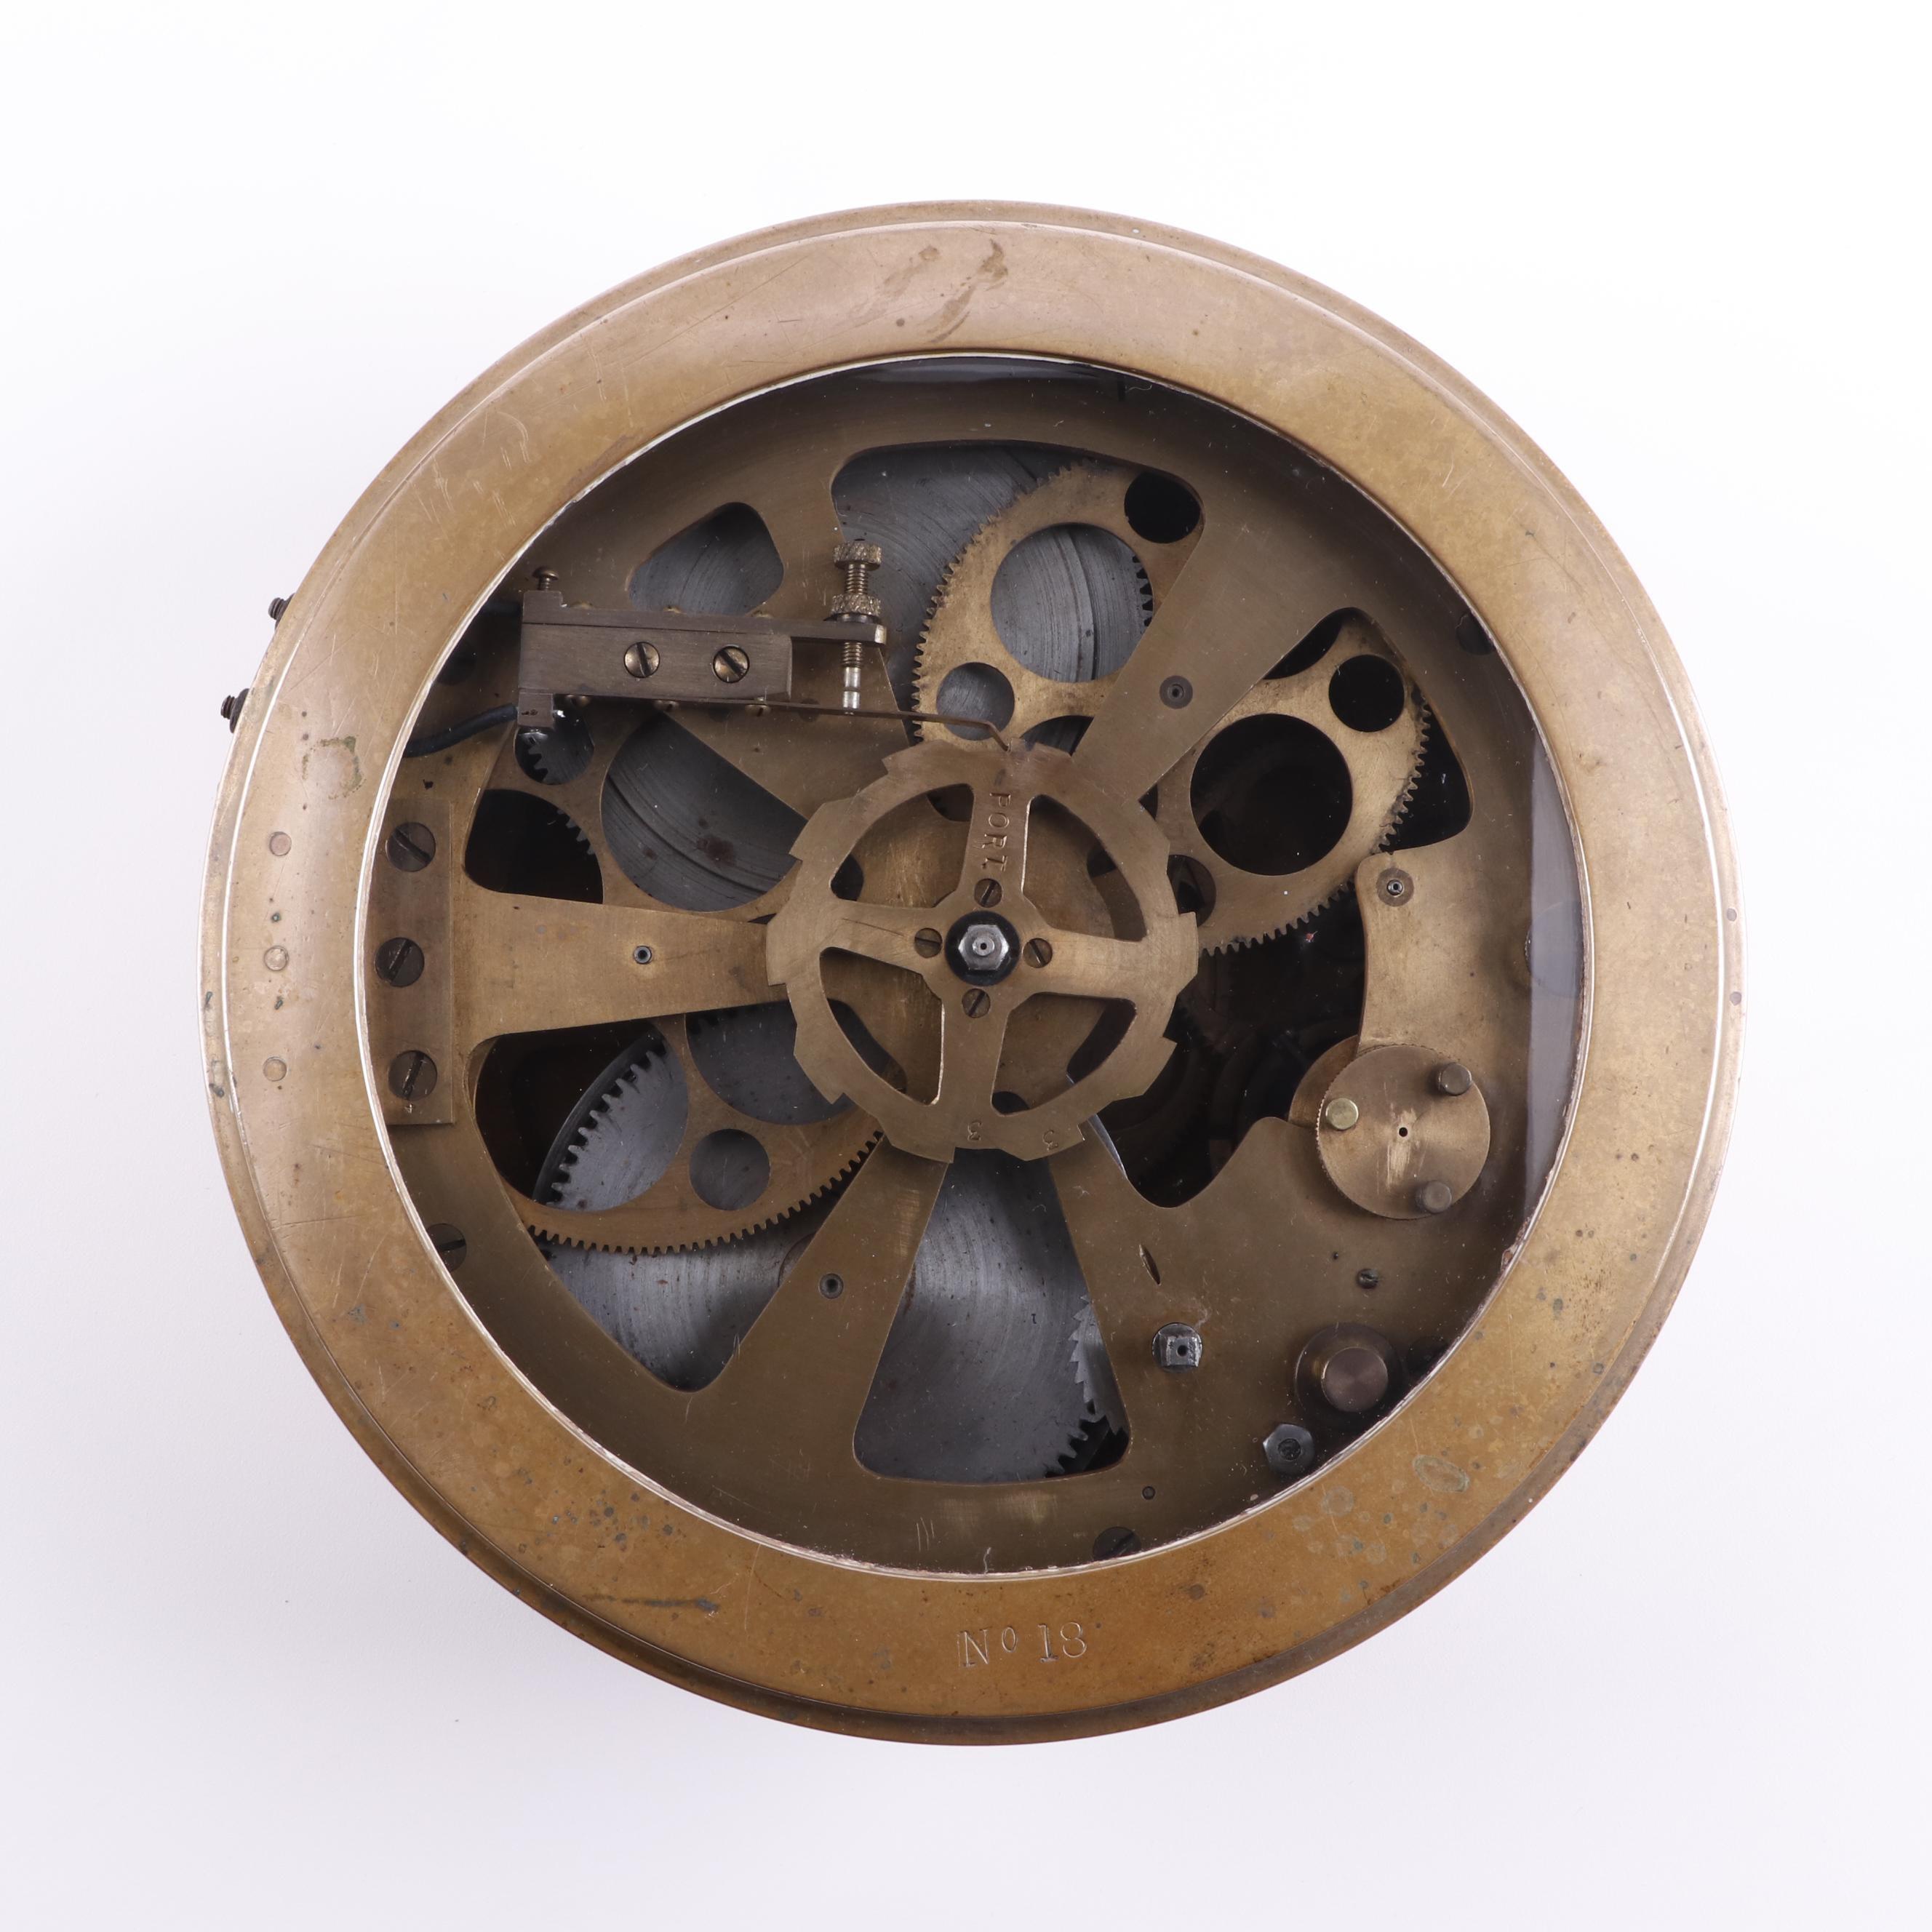 Brass Marine Chronometer